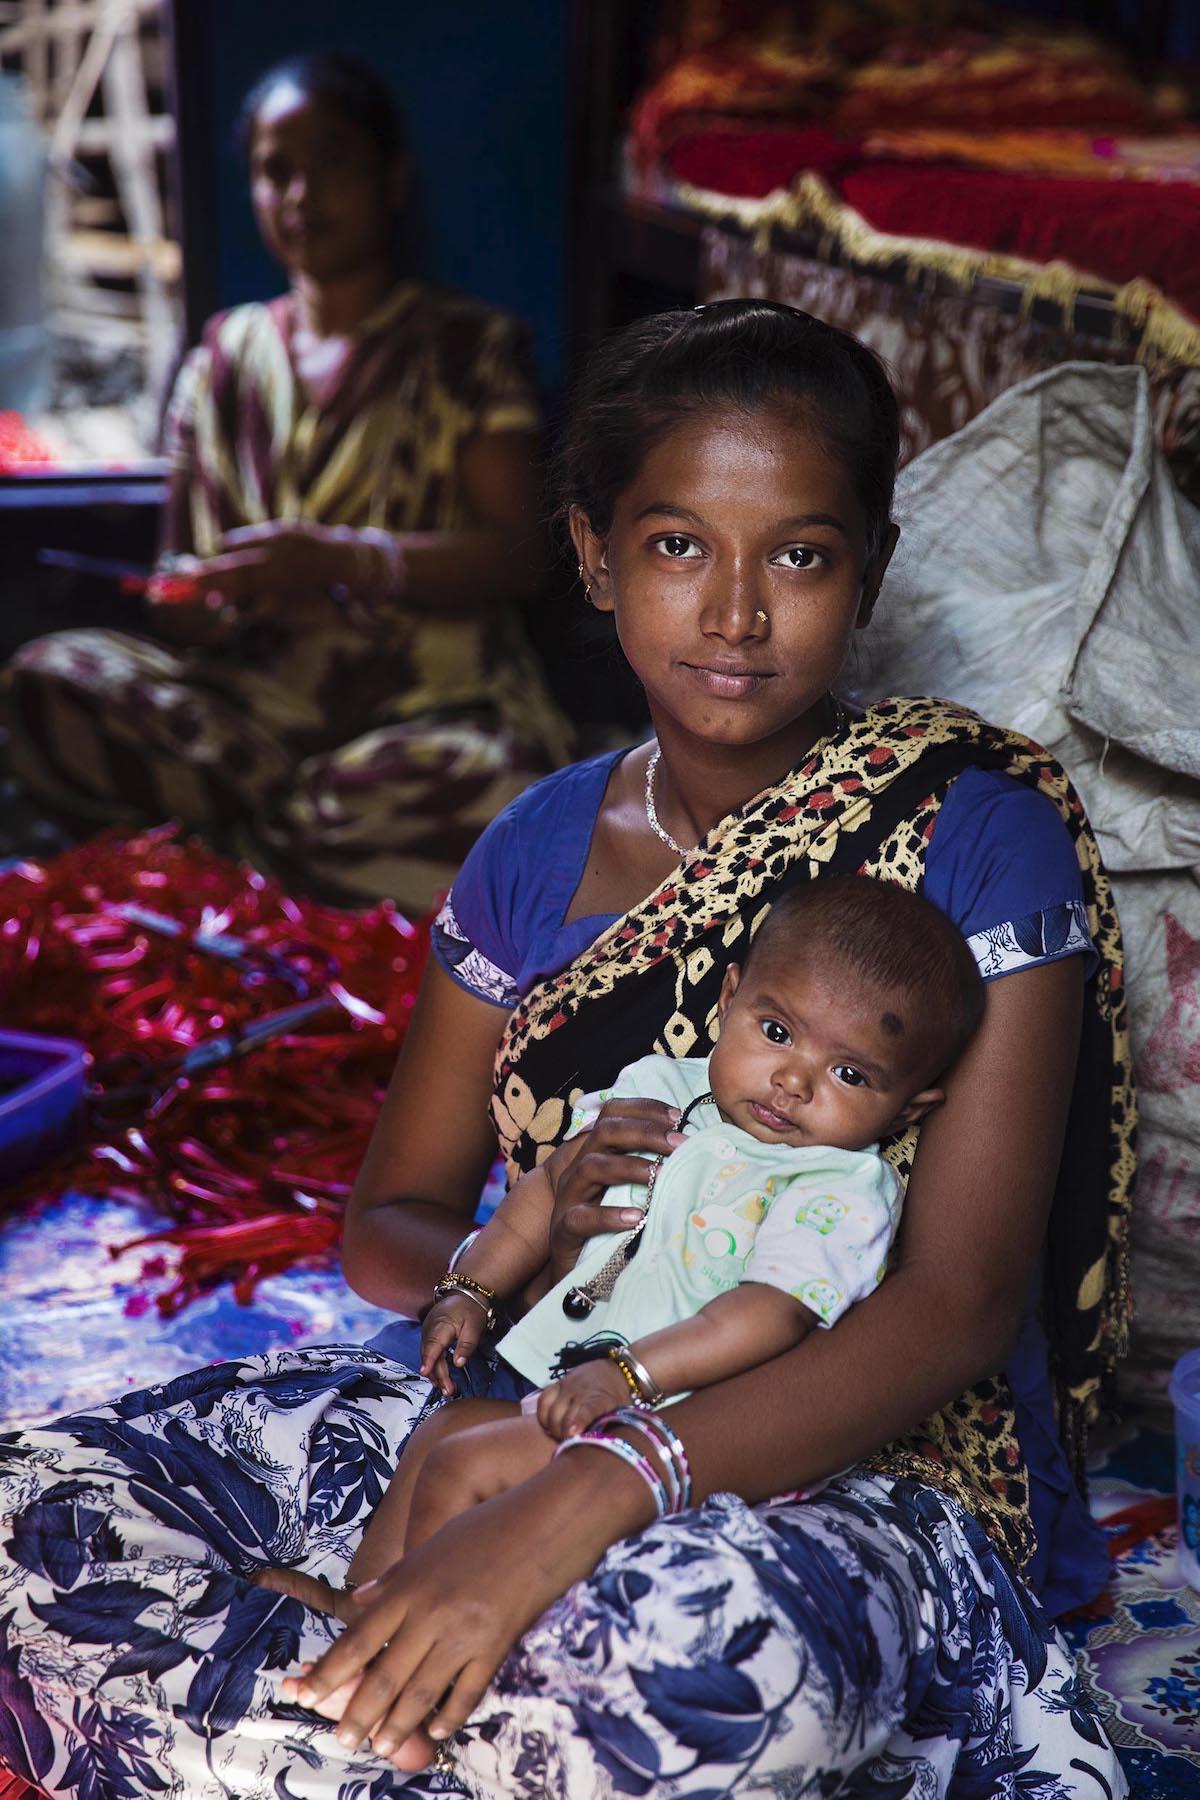 Табассум переехала сюда из Бангладеш в надежде на лучшую жизнь своей дочери (Калькутта, Индия)